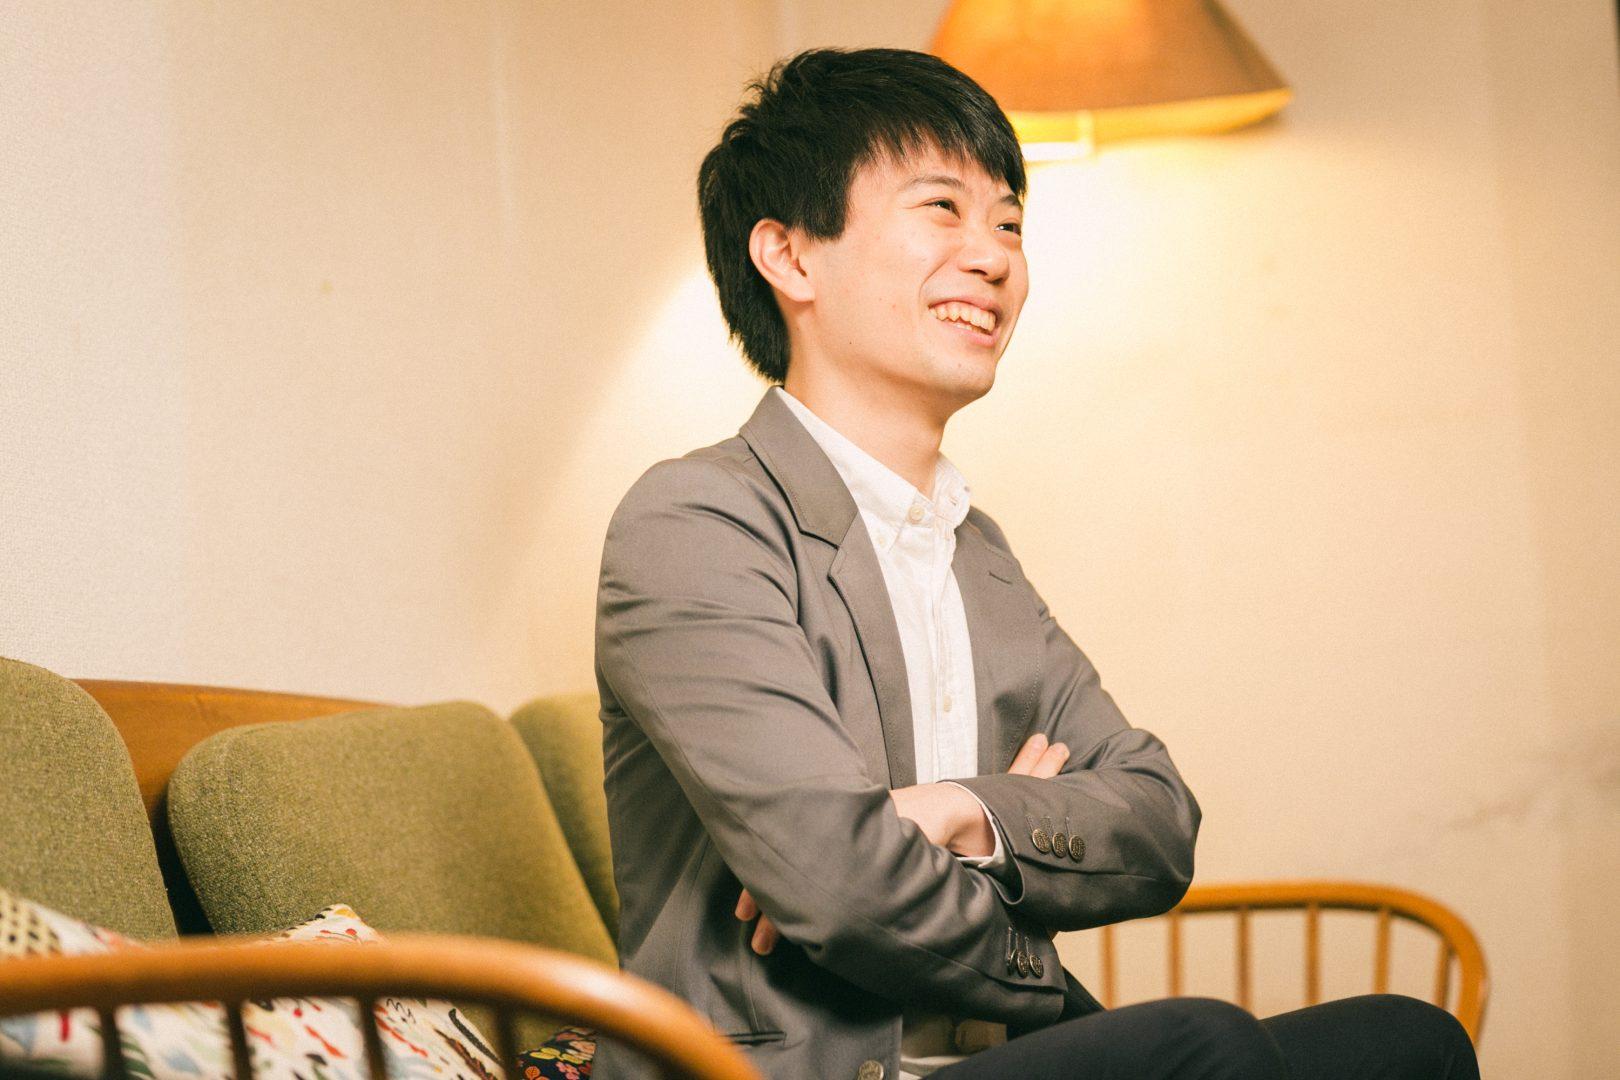 【卓球】東大王も舌を巻く伊藤美誠、「まさか」の快進撃 「今後に期待」とエールを送る